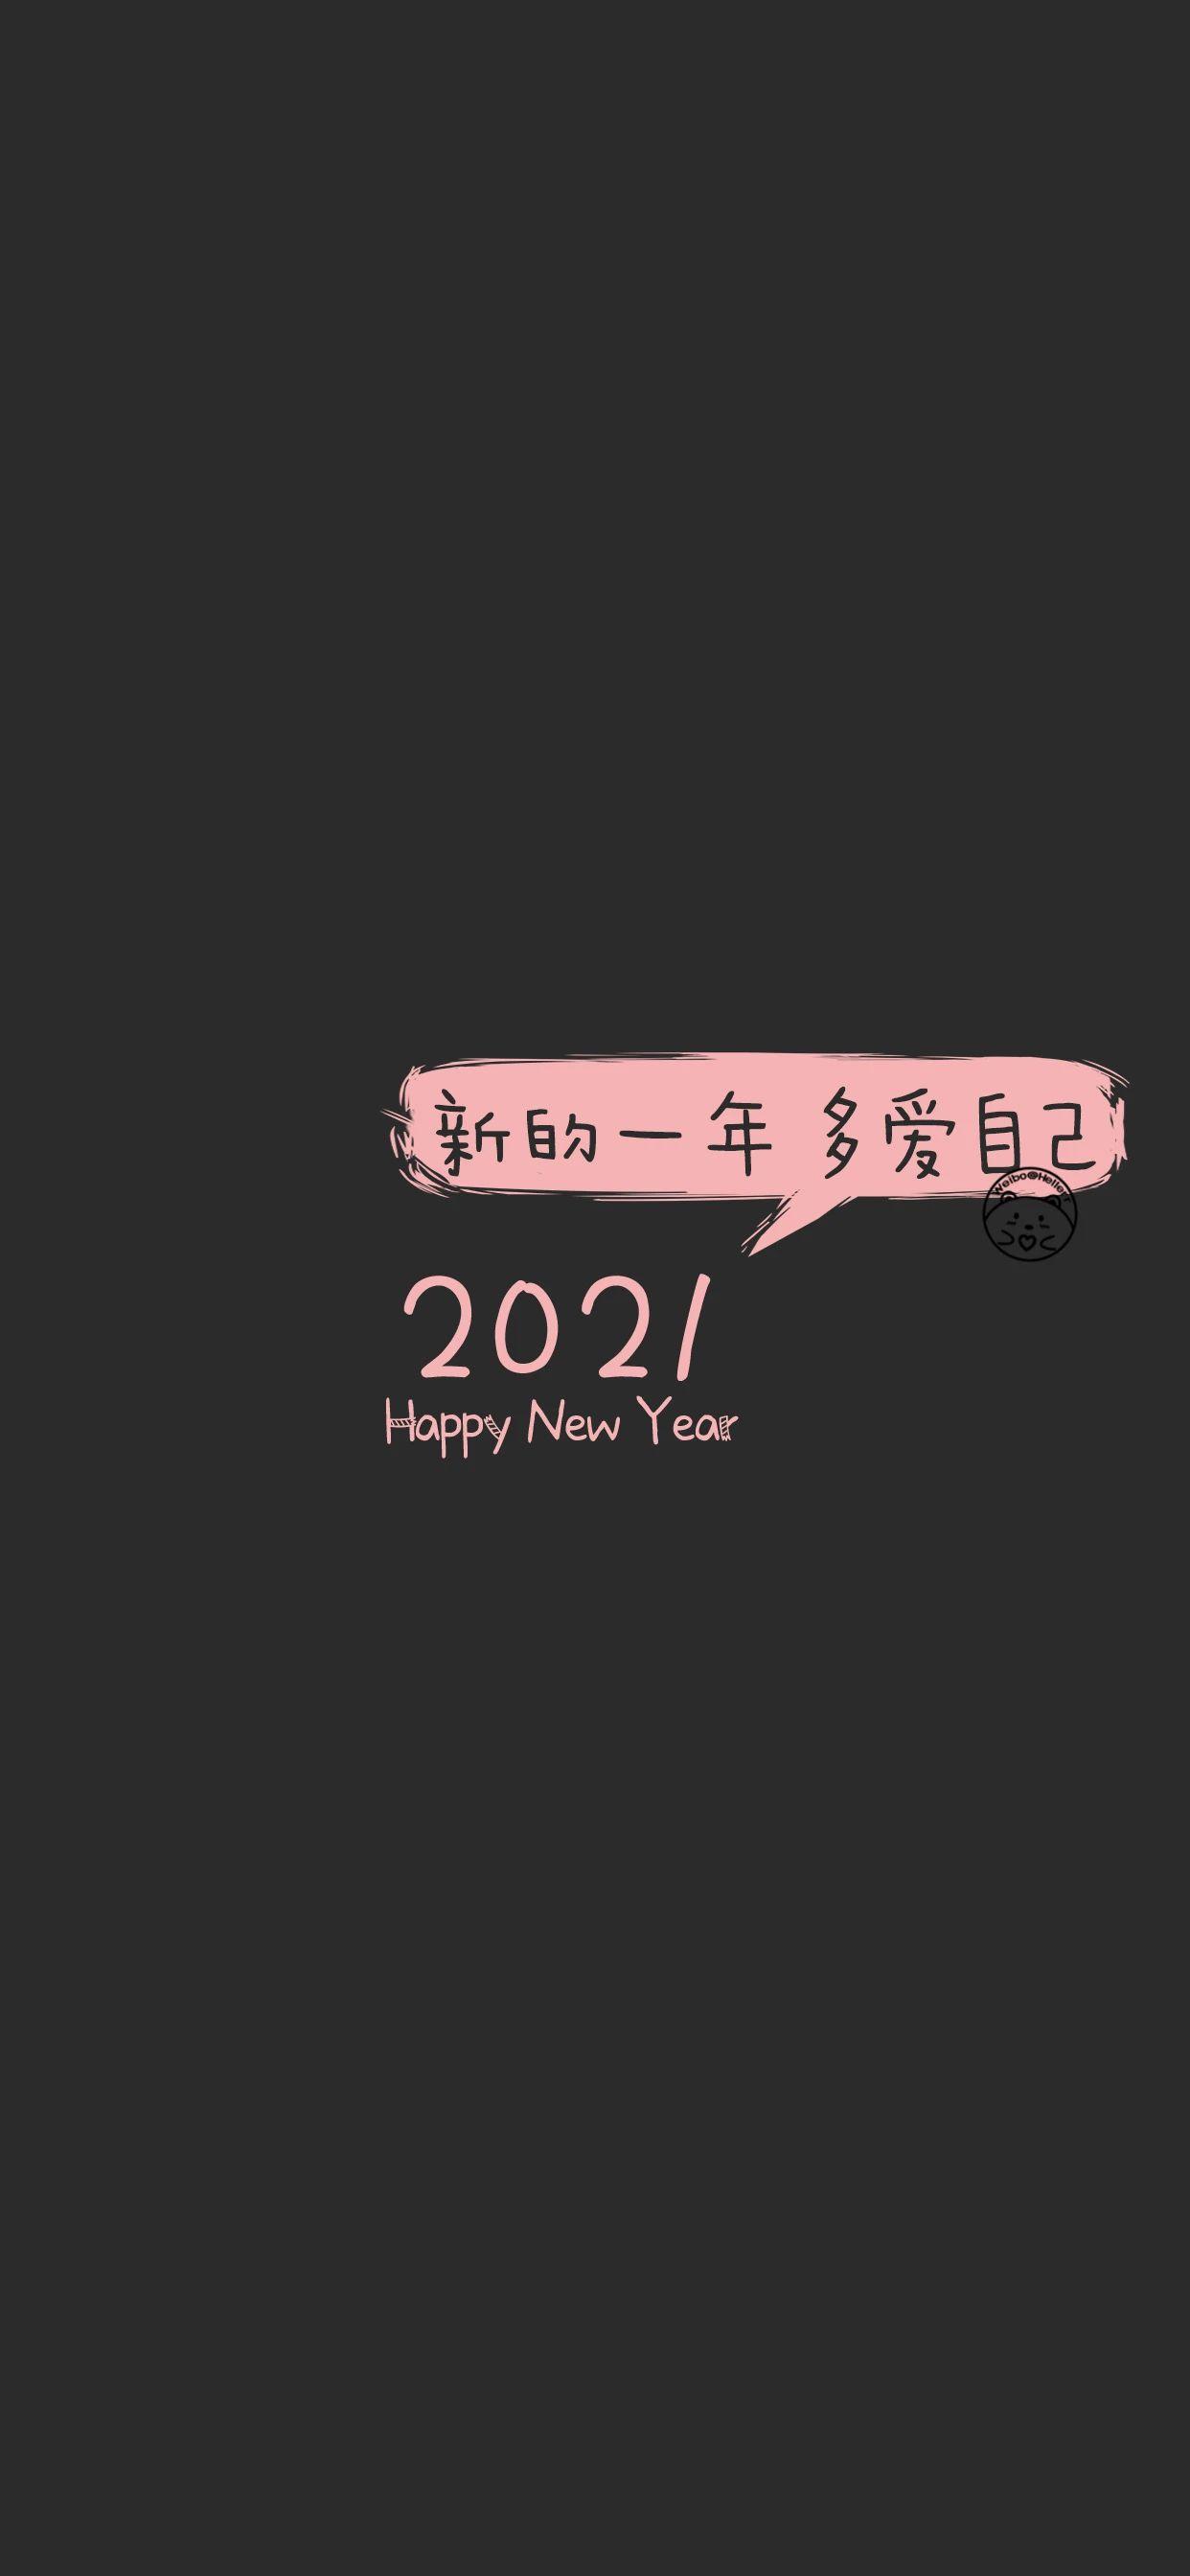 壁纸   2021手机壁纸插图7